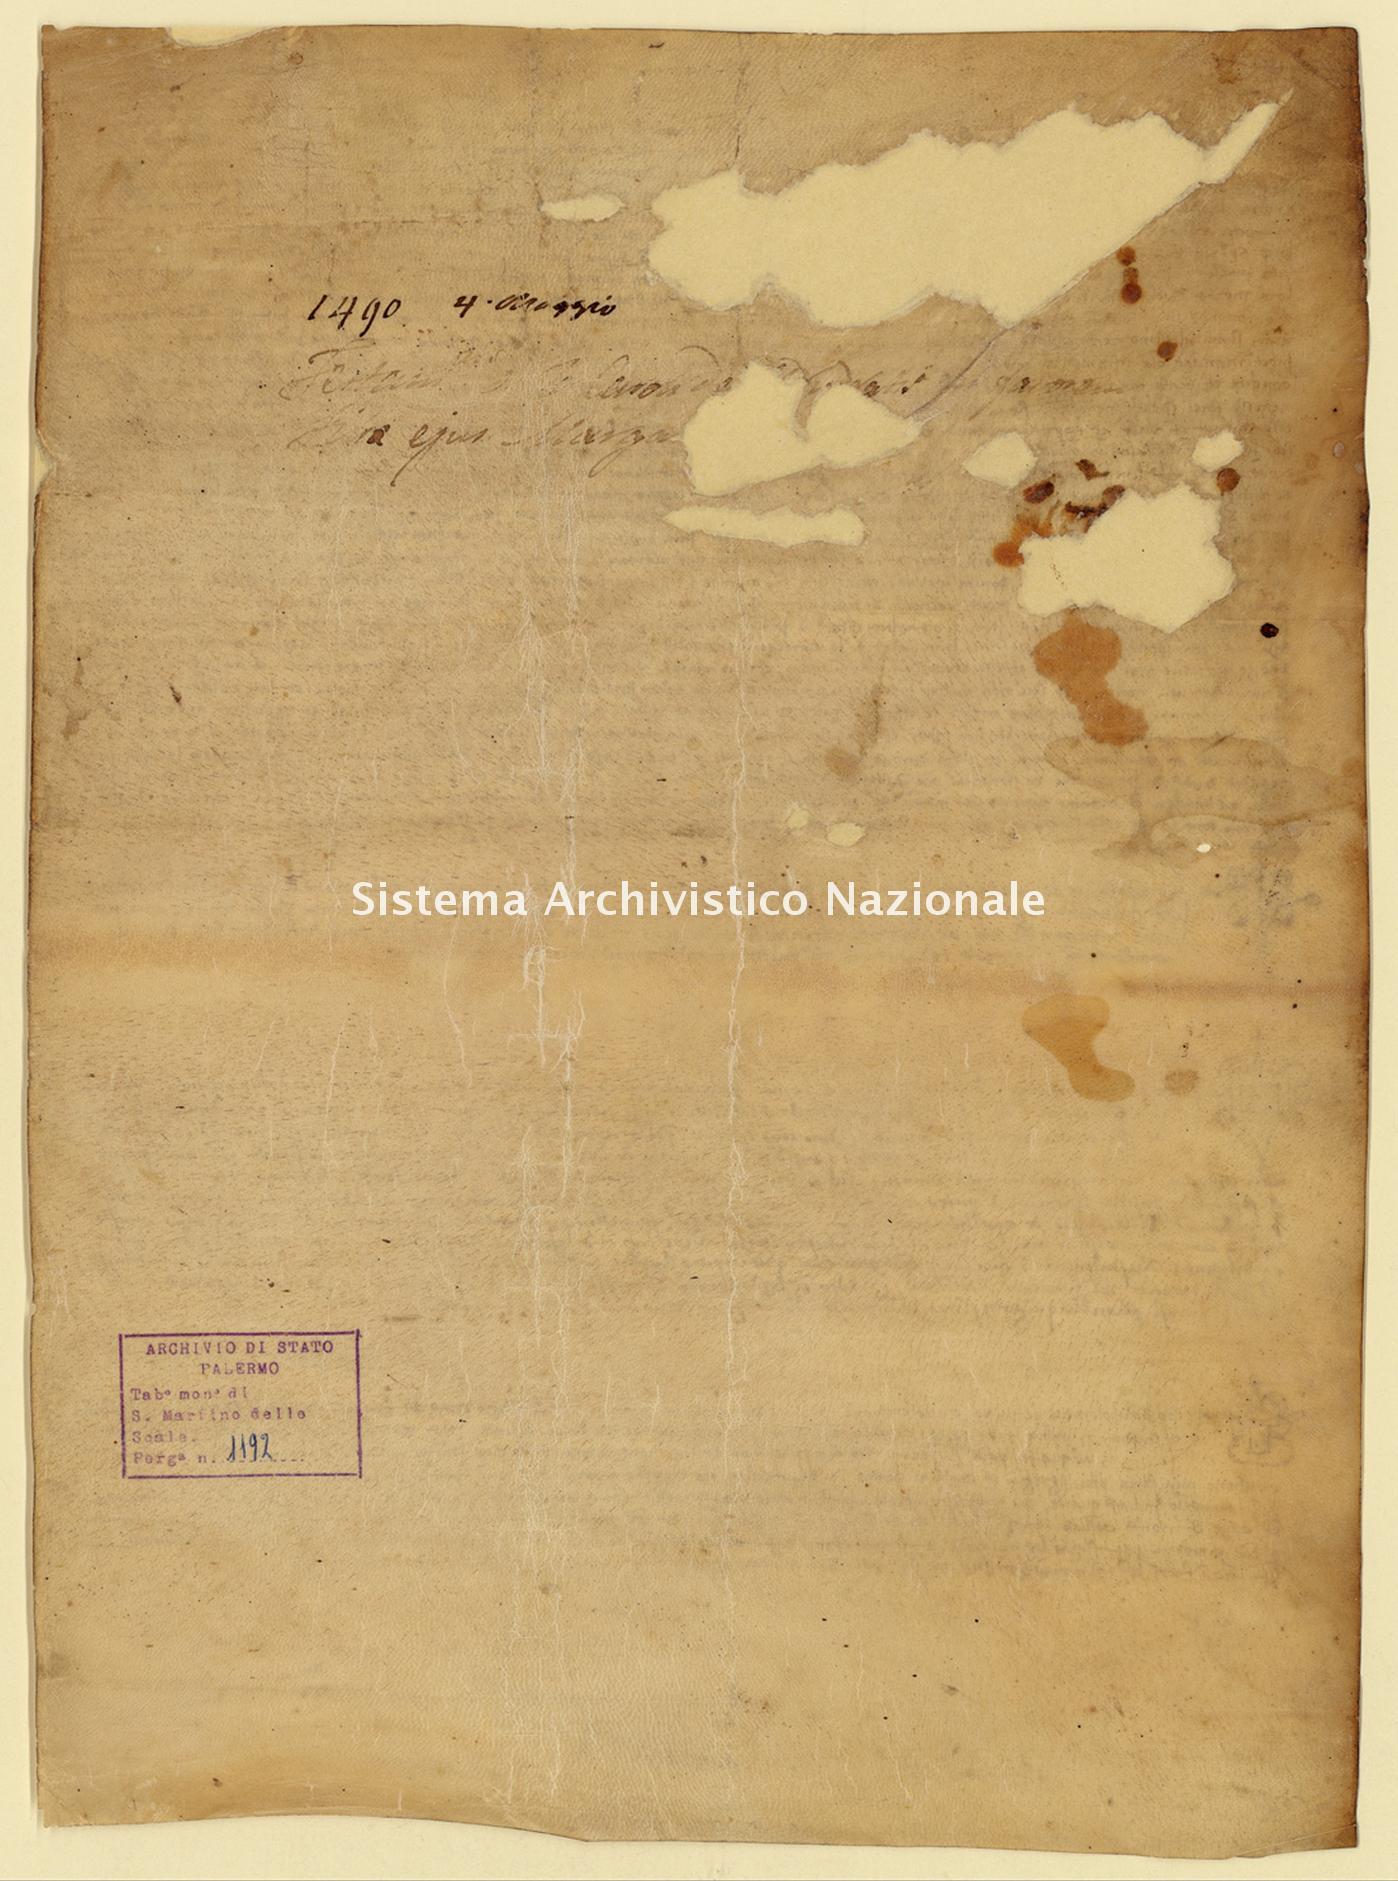 Archivio di Stato di Palermo, Diplomatico, Tabulario del monastero di San Martino delle Scale, Pergamena TSMS 1192